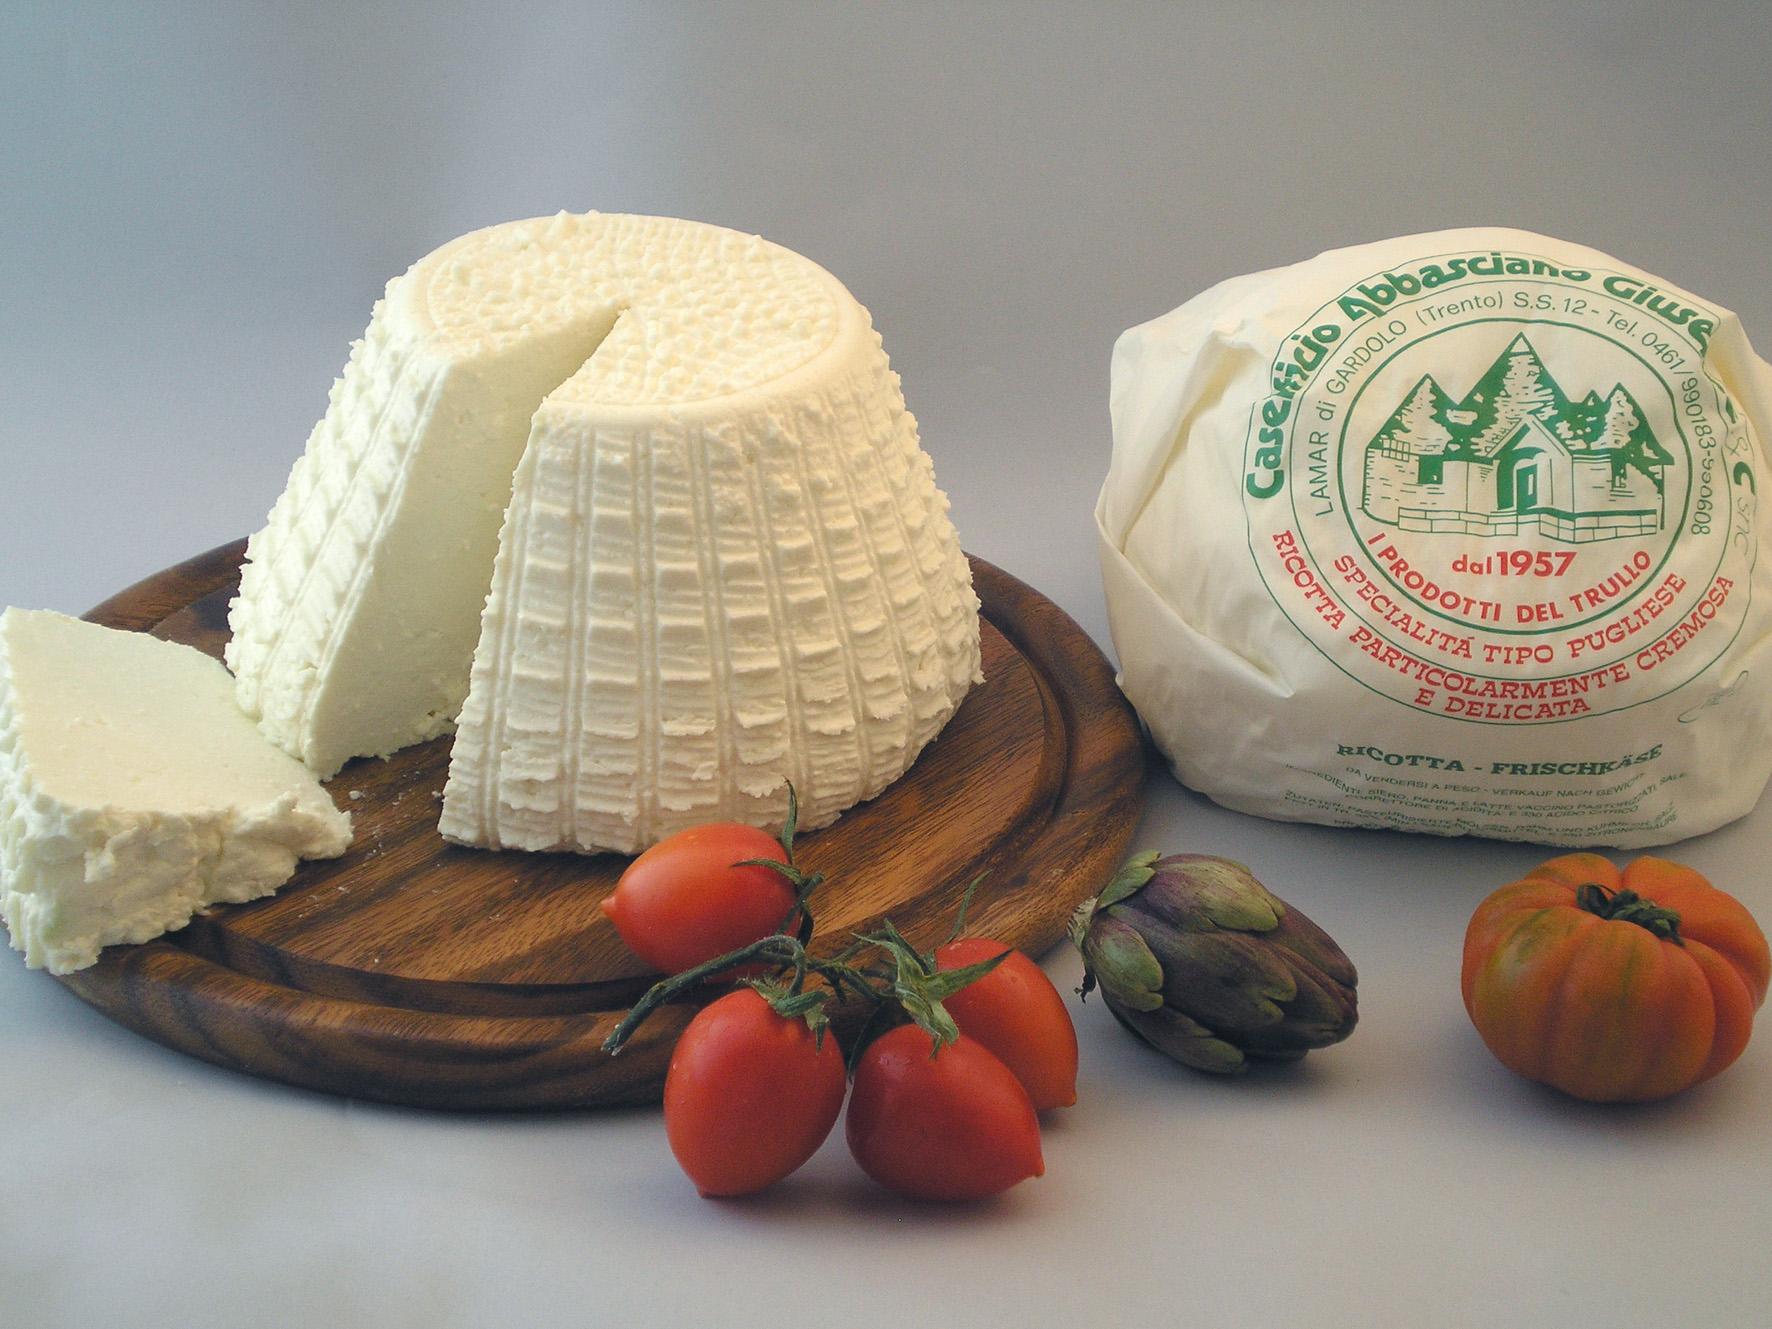 pie ricotta gnudi ricotta cheese ricotta cheesecake ricotta